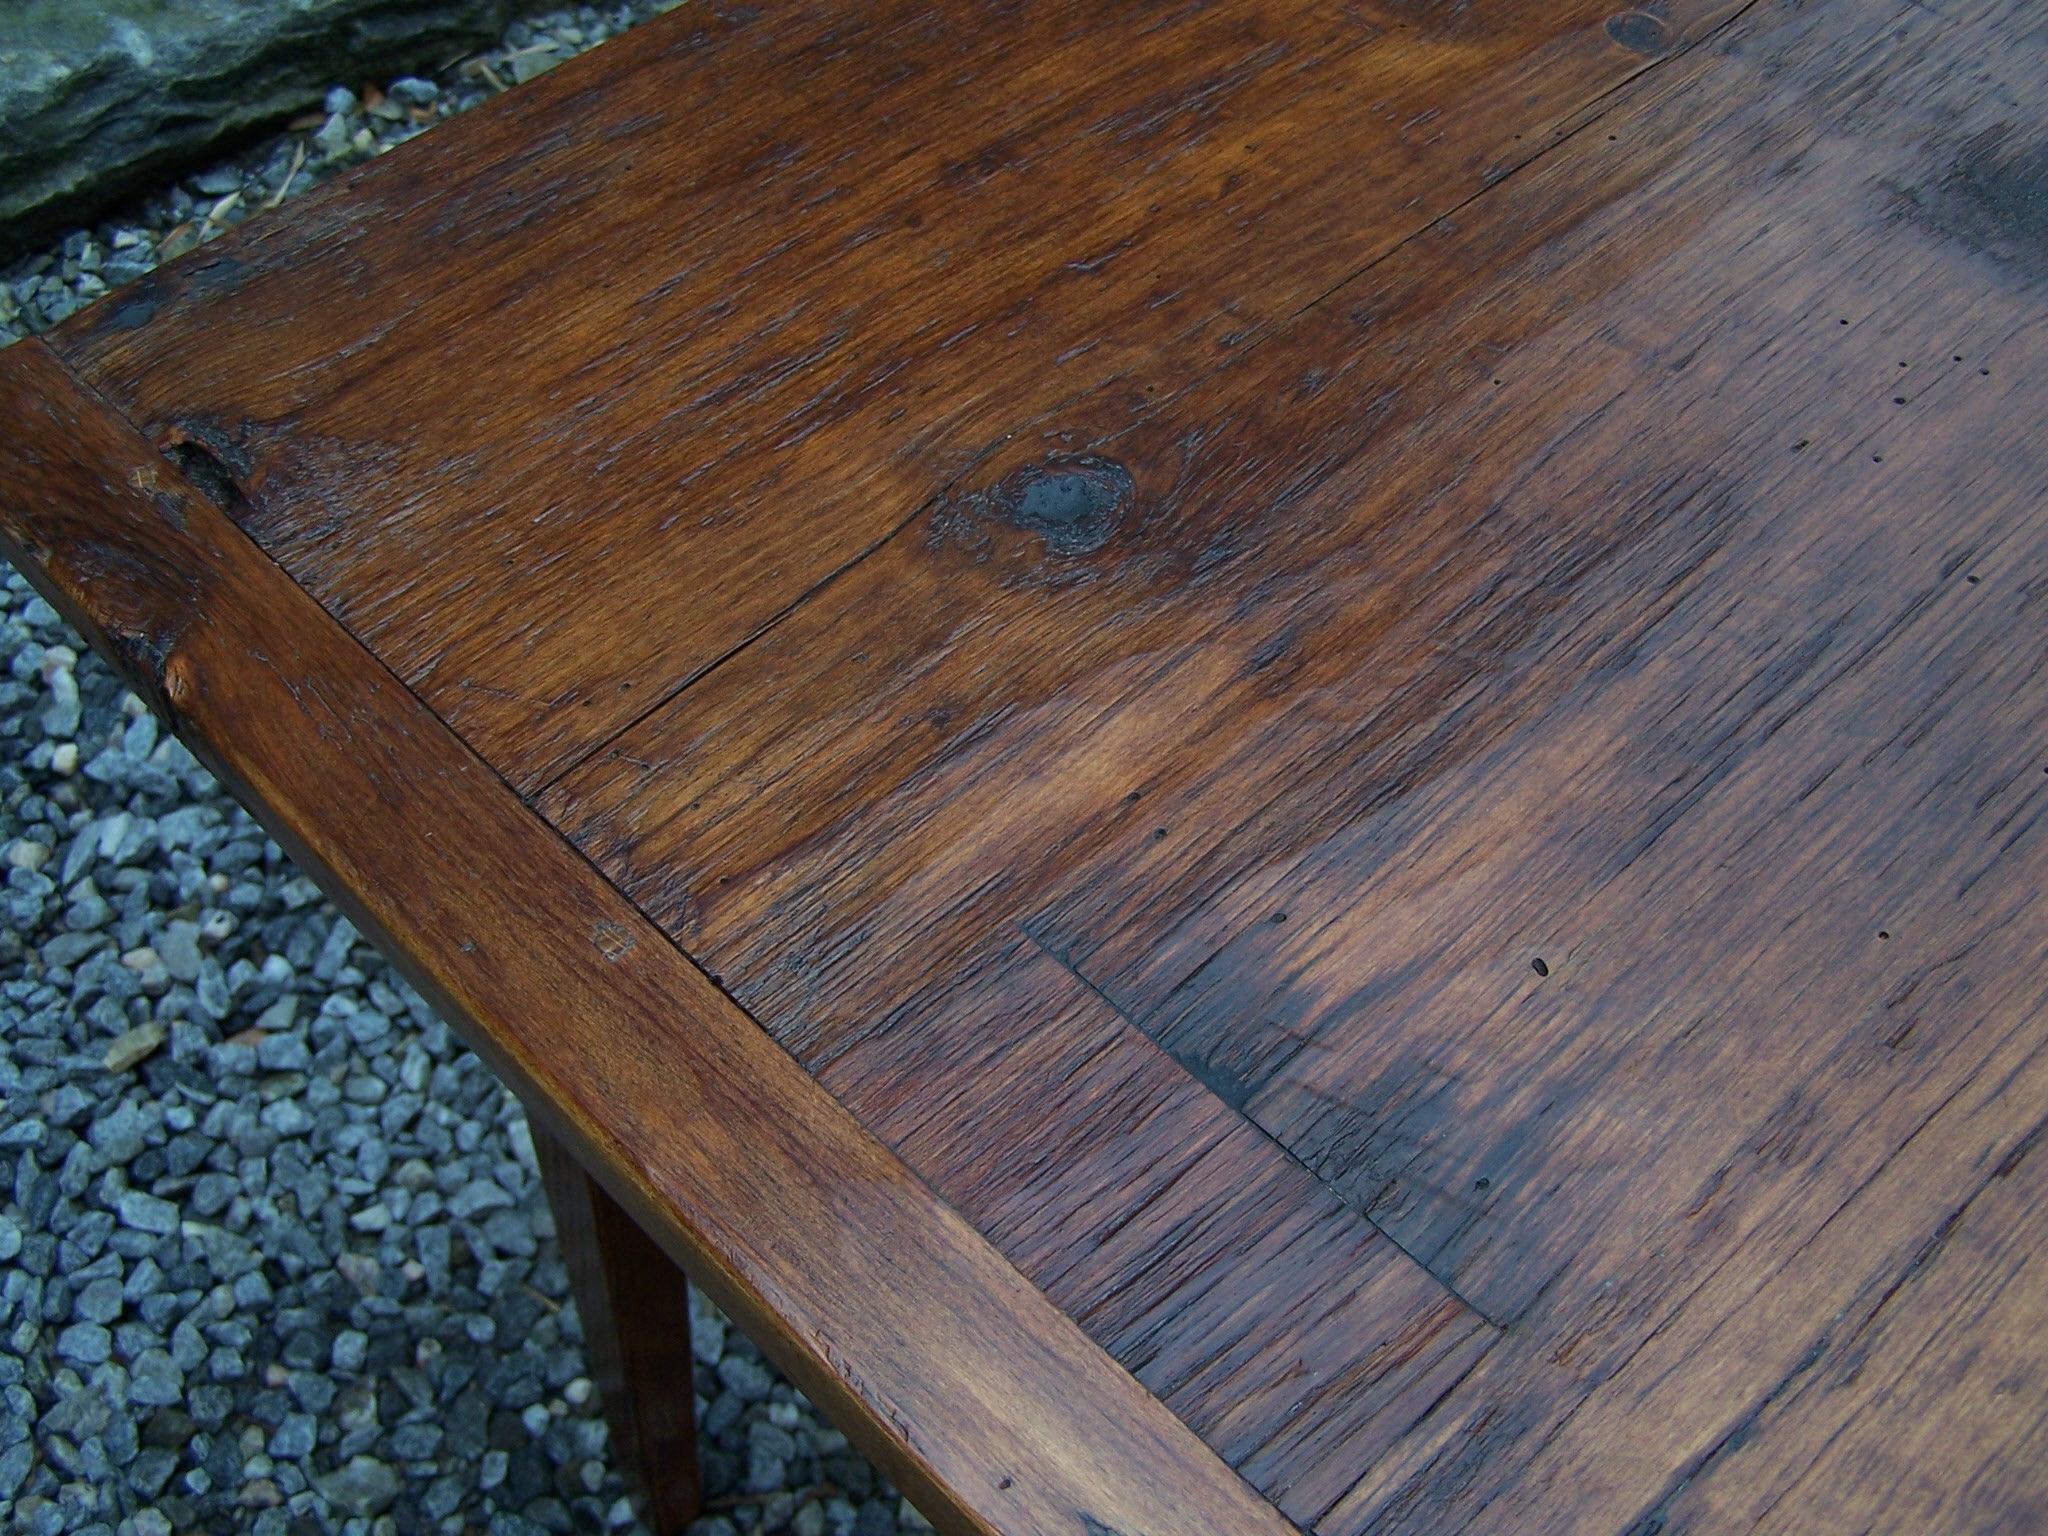 Antique Handmade New England pine country kitchen table country kitchen tables Handmade New England pine country kitchen table For Sale